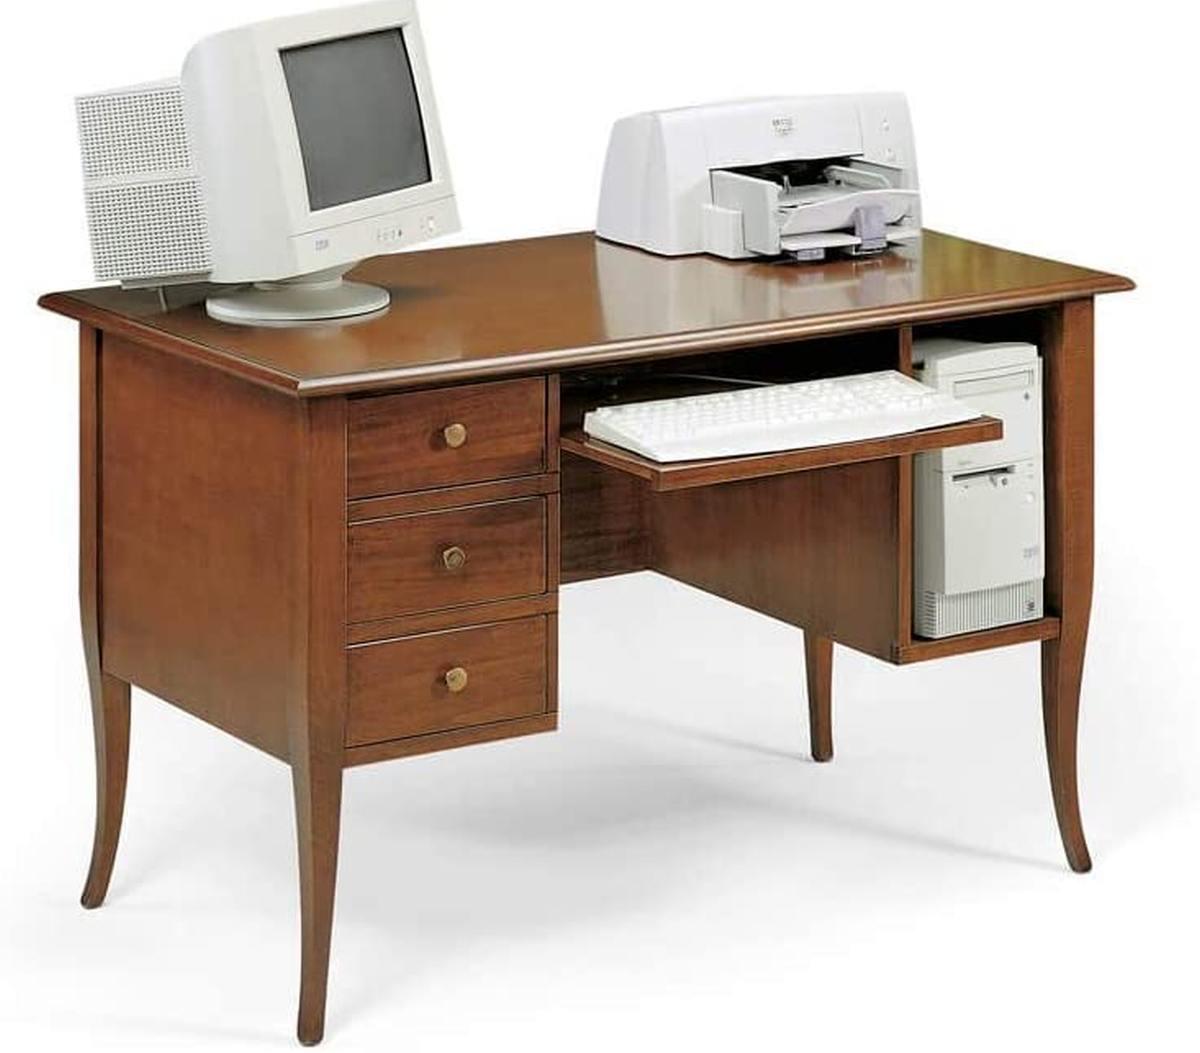 scrivania-pc-computer-lusso-legno-massello-rappresentanza-presidenziale-arte-povera-stile-classico-amazon